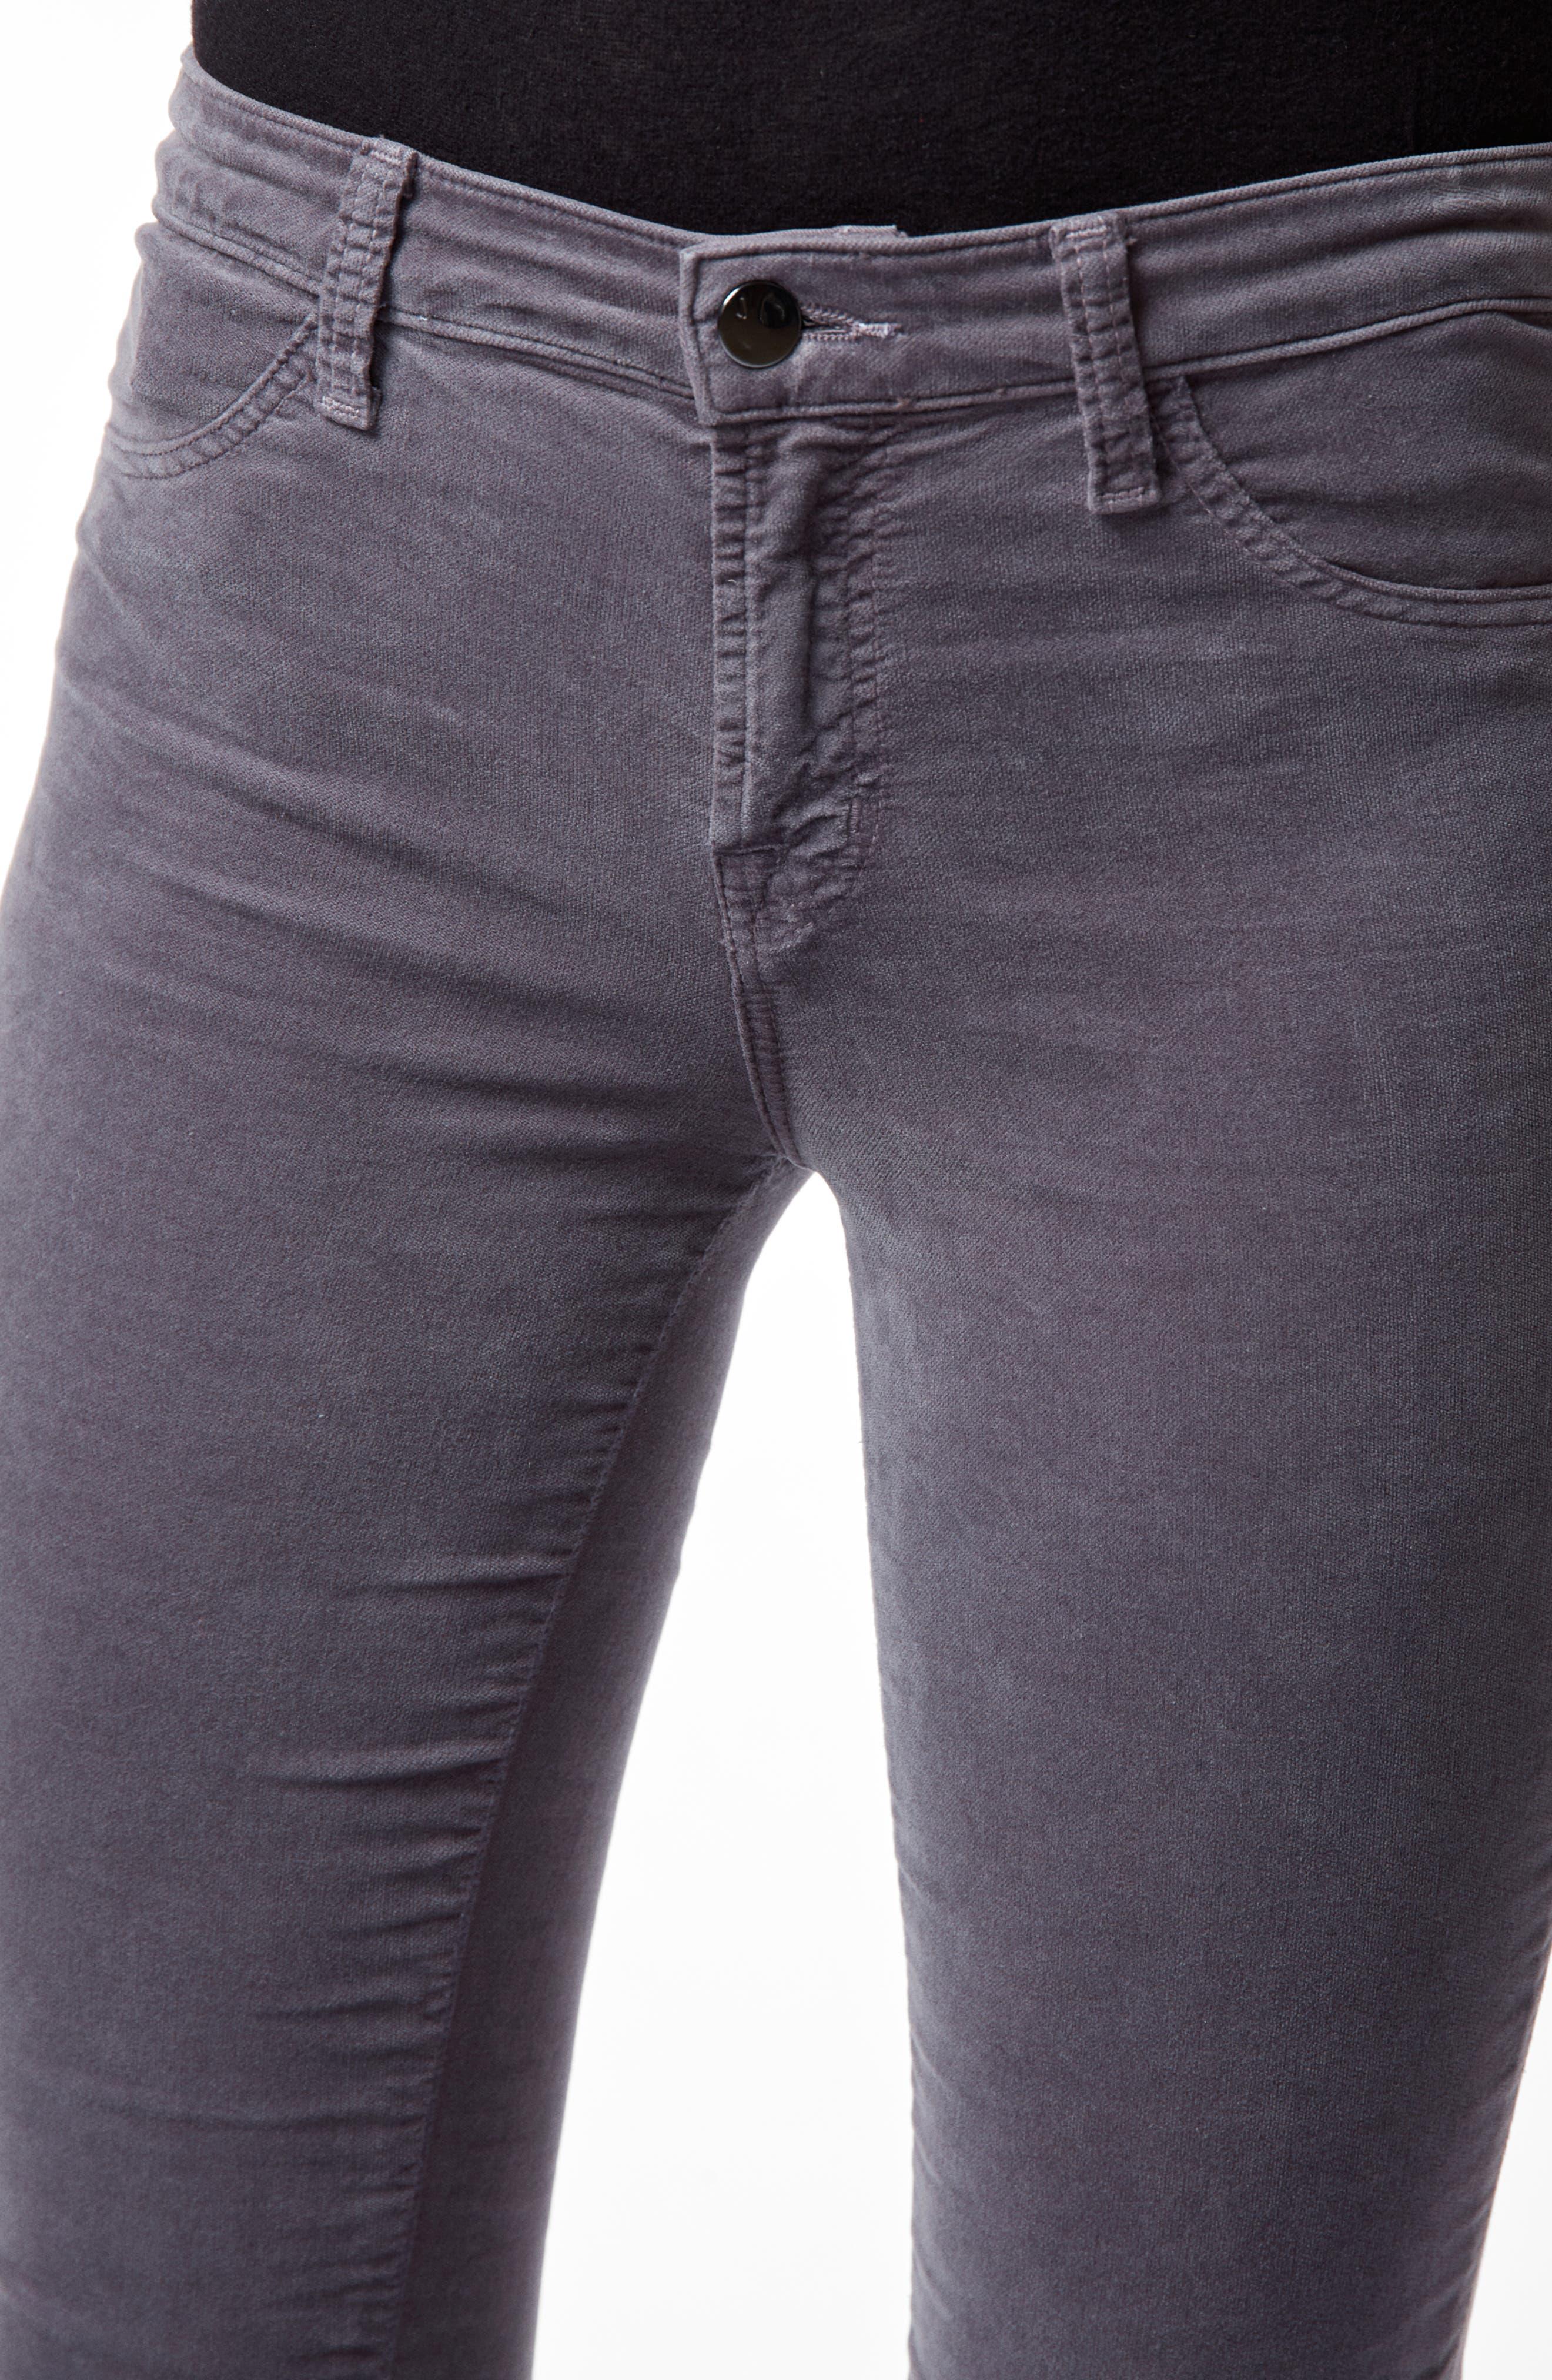 '815' Mid Rise Velveteen Super Skinny Jeans,                             Alternate thumbnail 5, color,                             030